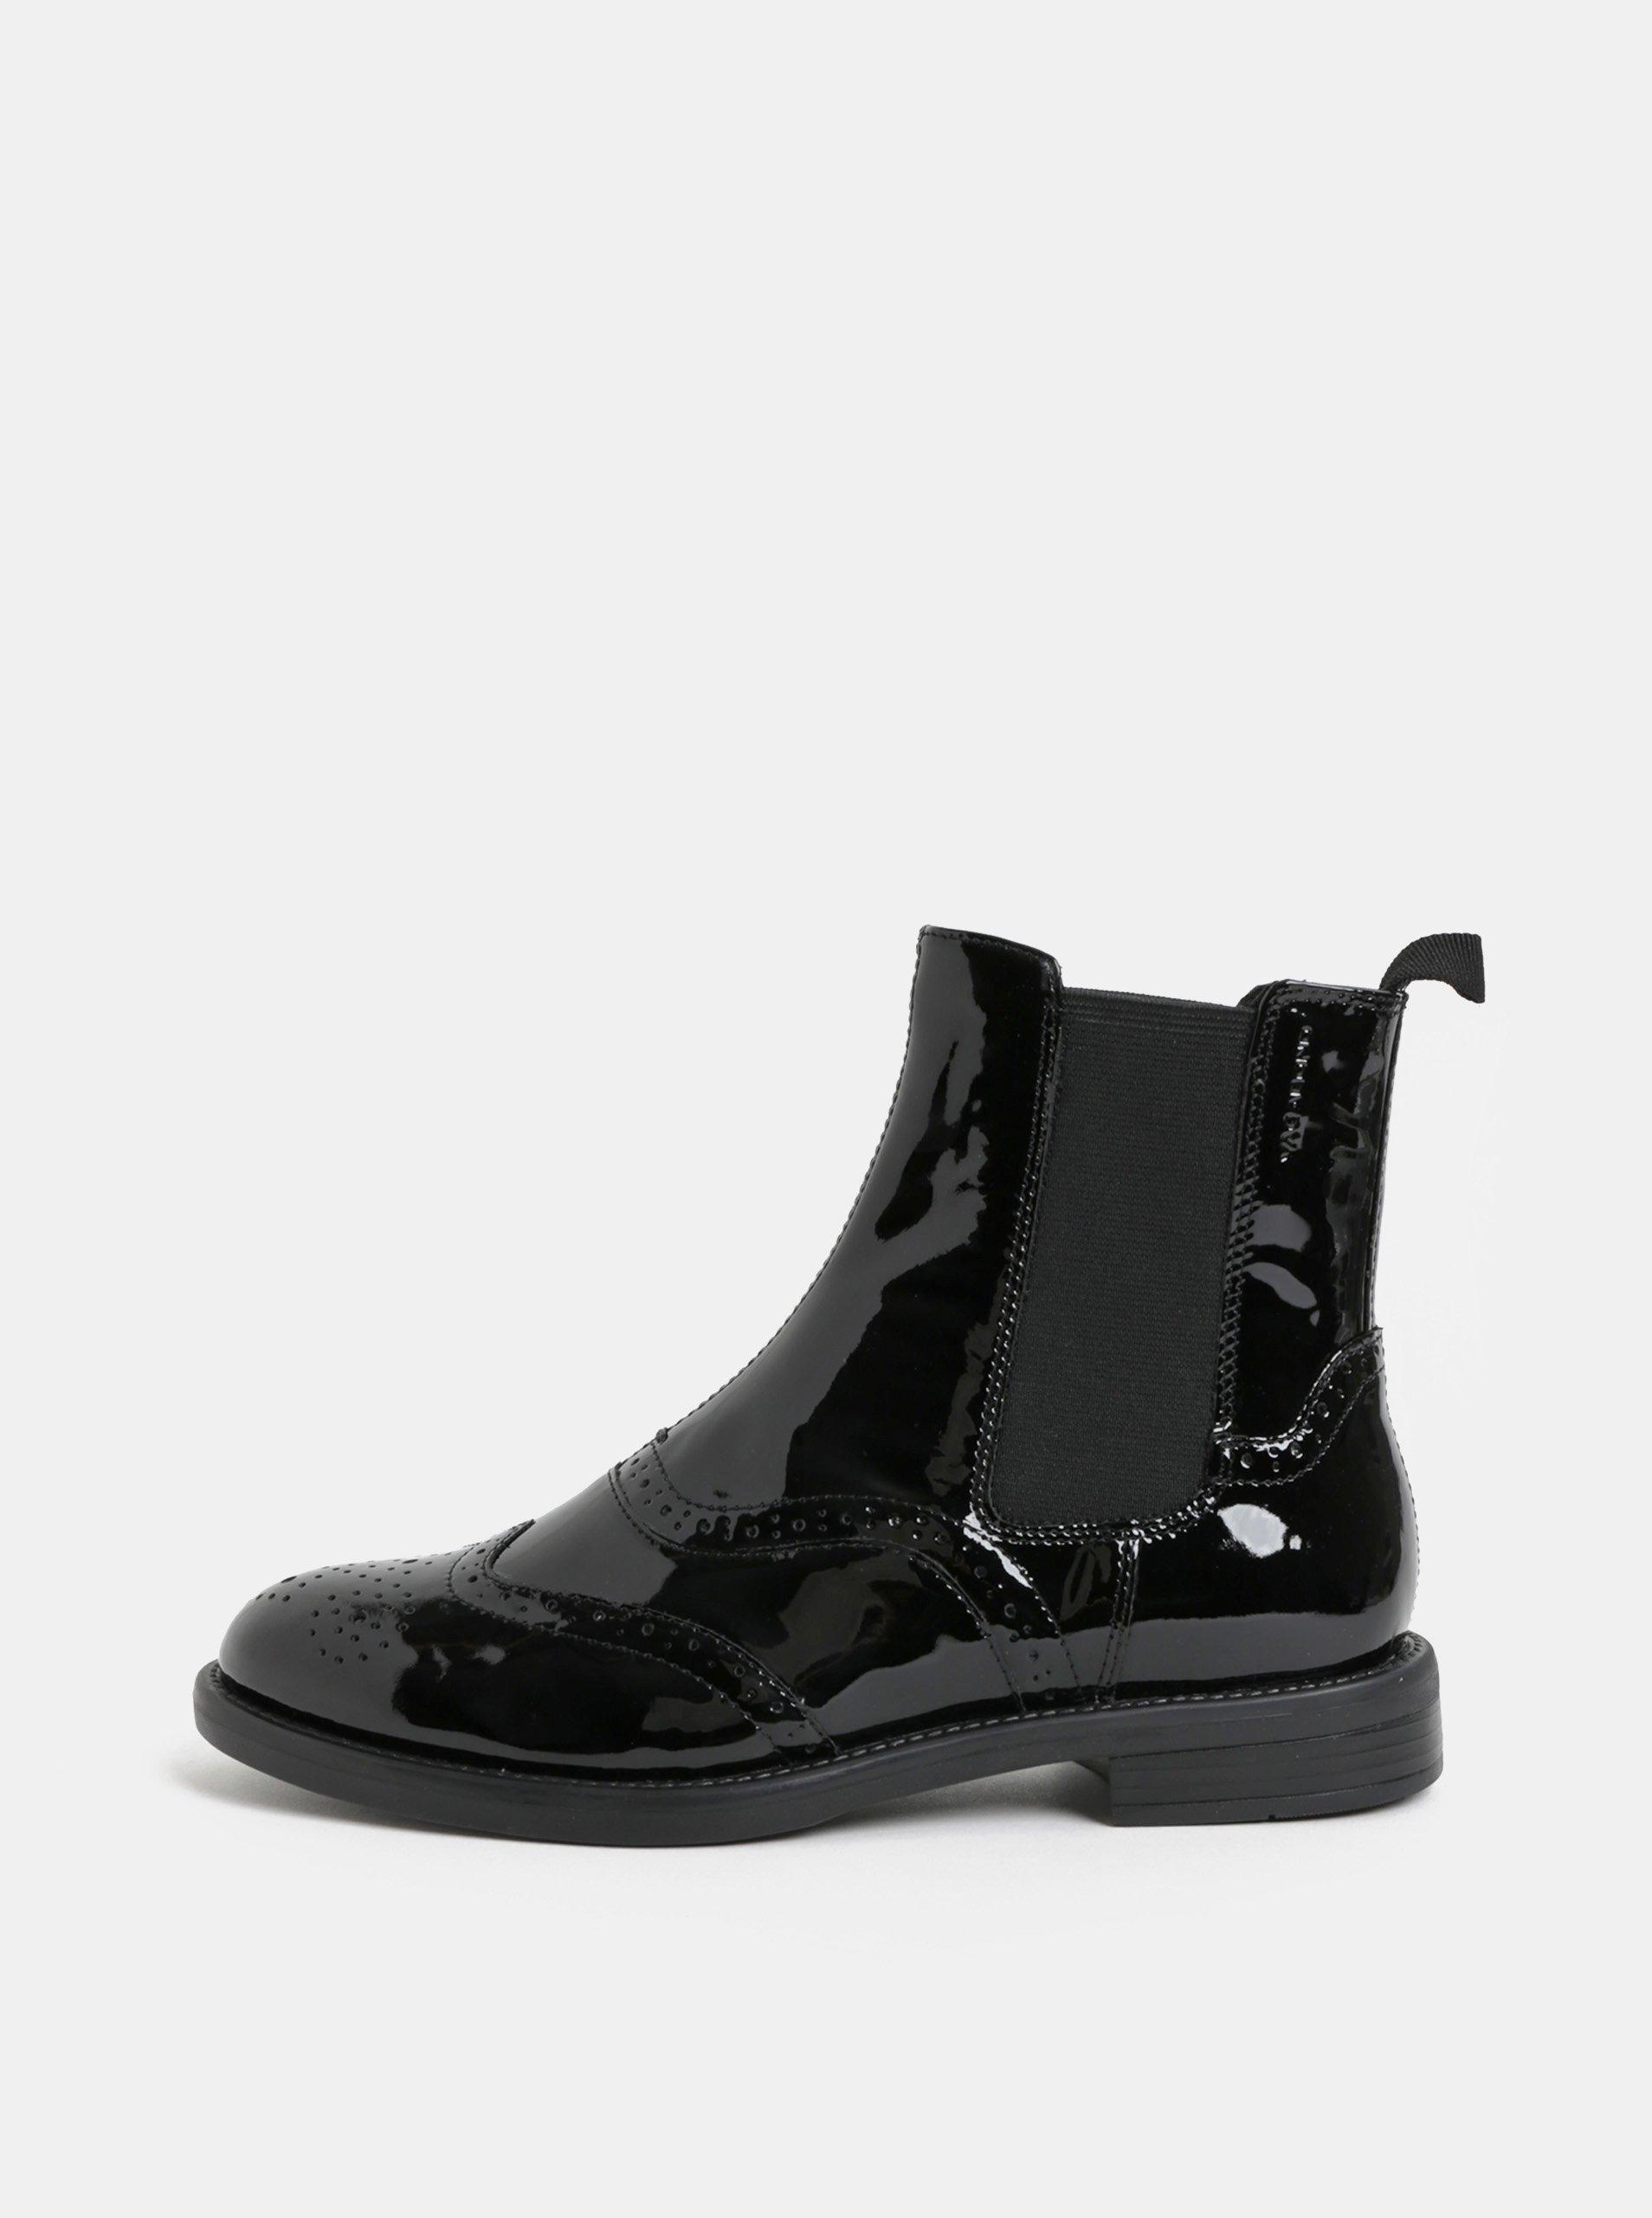 3bf44b52adb Černé dámské kožené chelsea boty s brogue zdobením Vagabond Amina